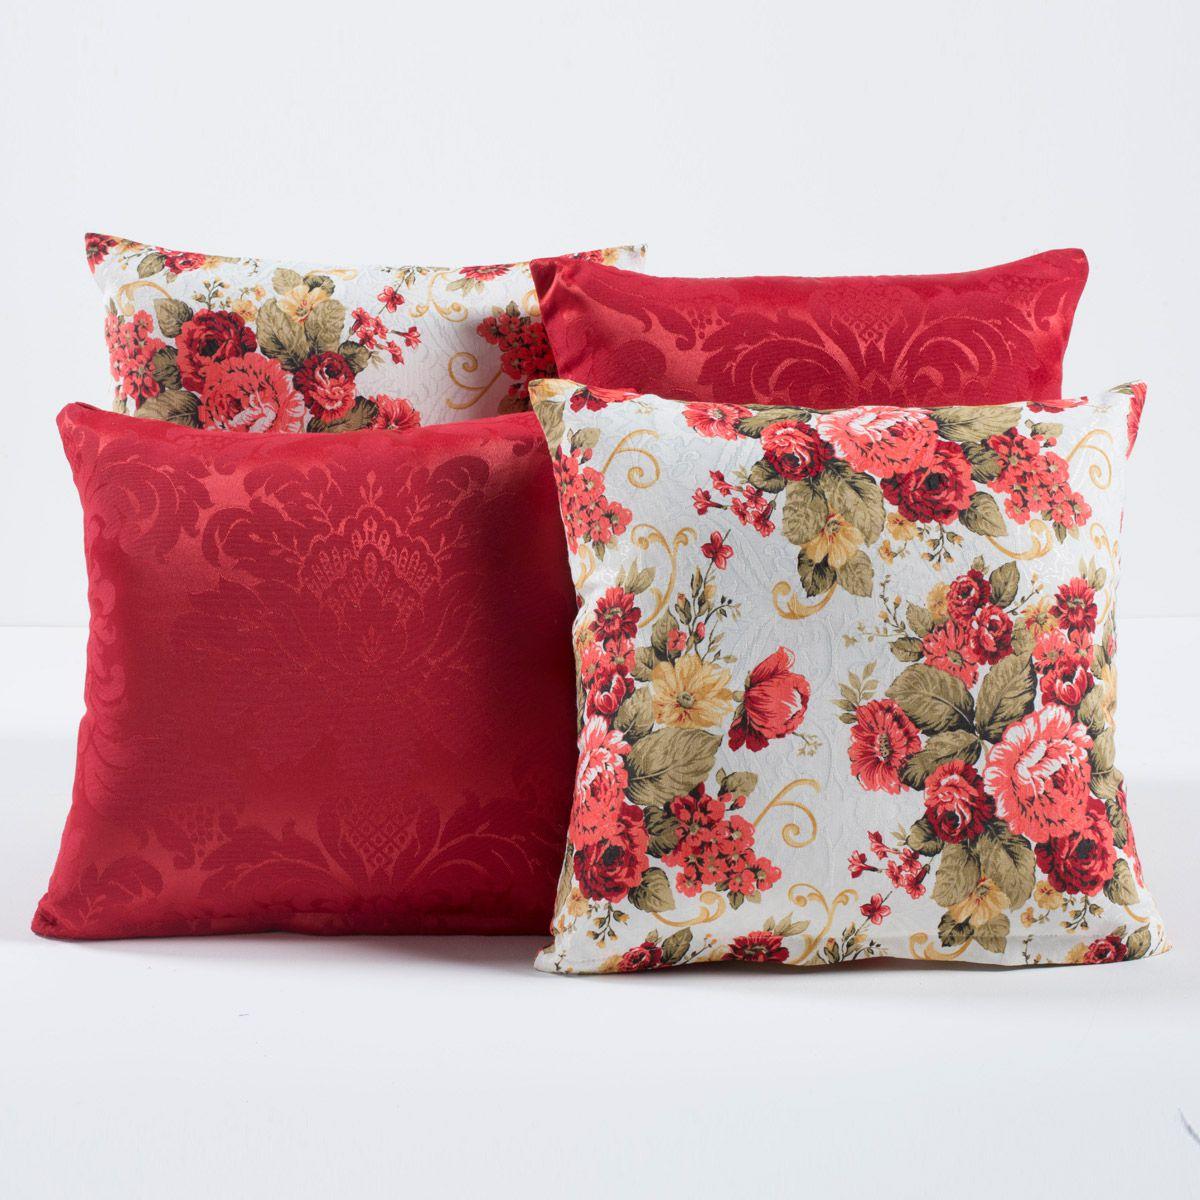 Kit c/ 4 Almofadas Cheias Decorativas Vermelho Florido 04 Peças c/ Refil